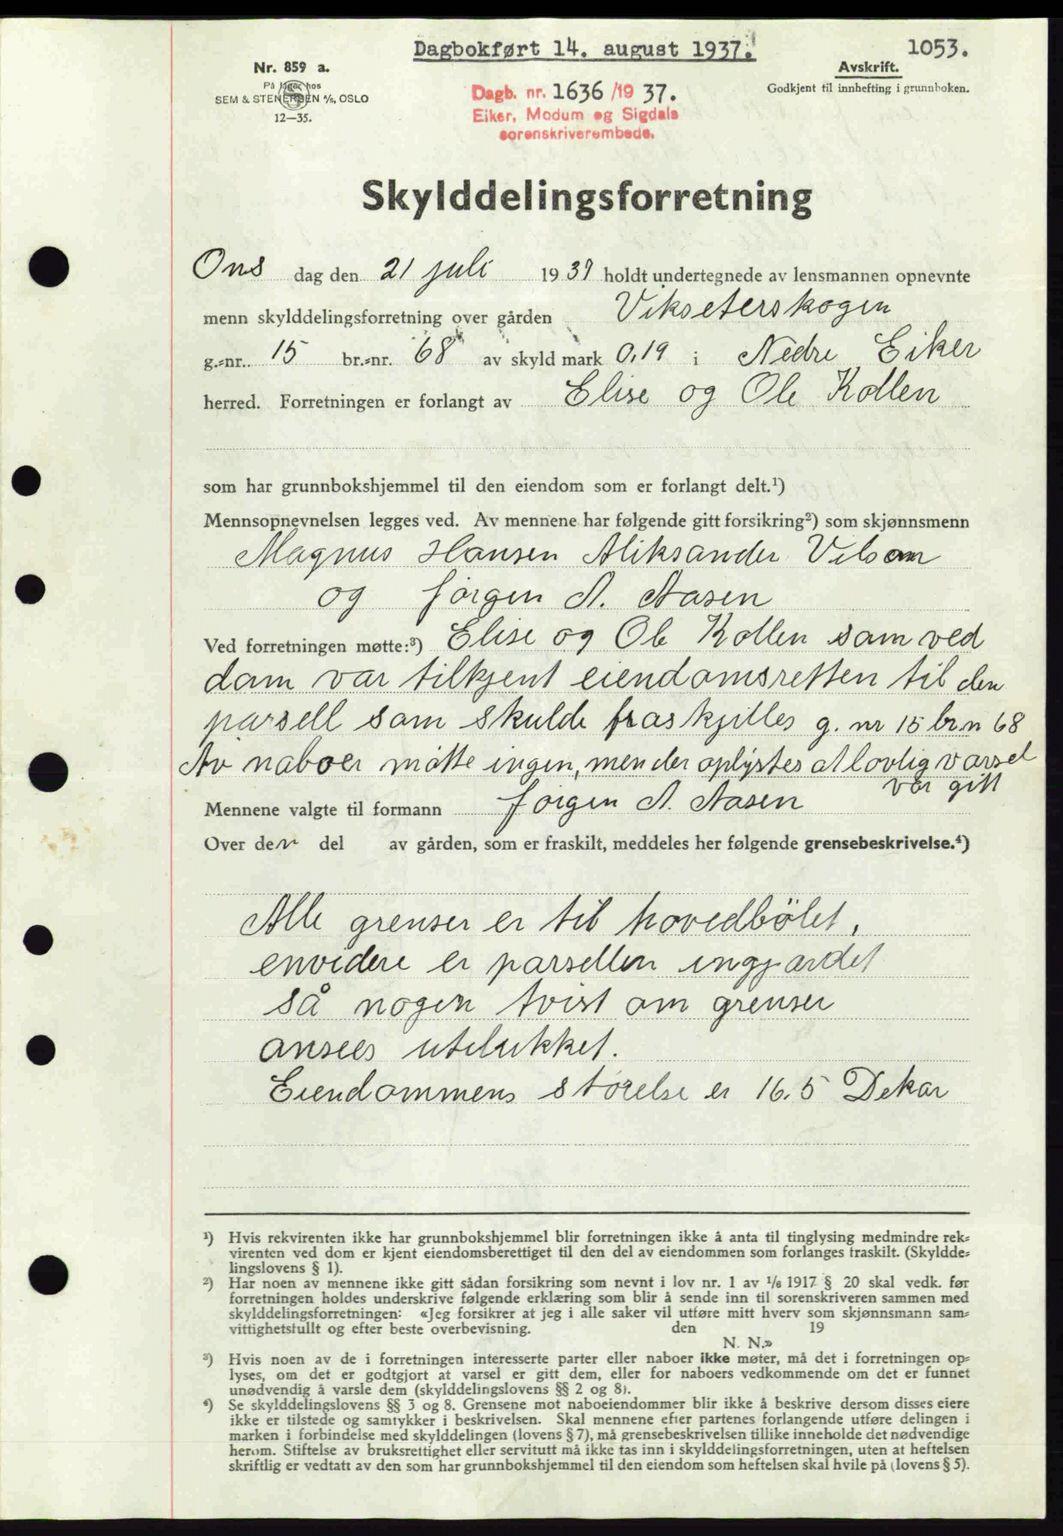 SAKO, Eiker, Modum og Sigdal sorenskriveri, G/Ga/Gab/L0035: Pantebok nr. A5, 1937-1937, Dagboknr: 1636/1937